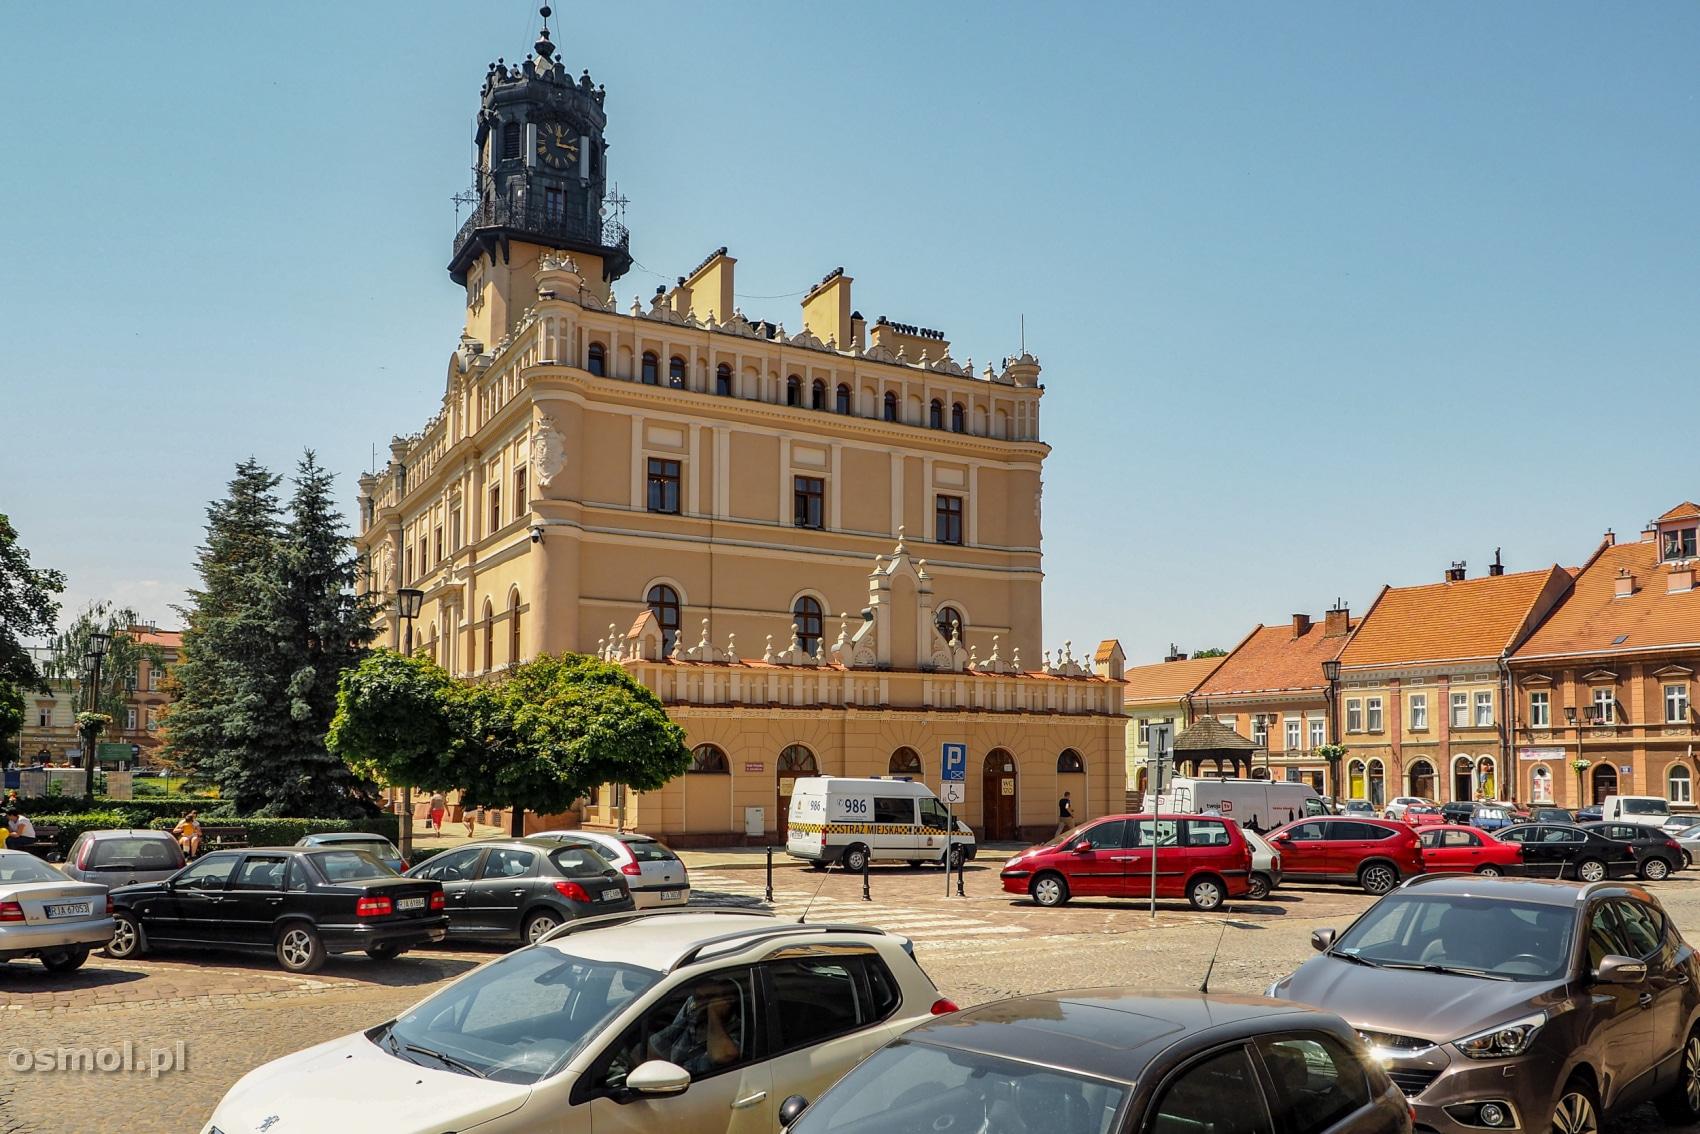 Ratusz w Jarosławiu wyglądałby wspaniale, gdyby nie wszechobecne samochody, które go otaczają.